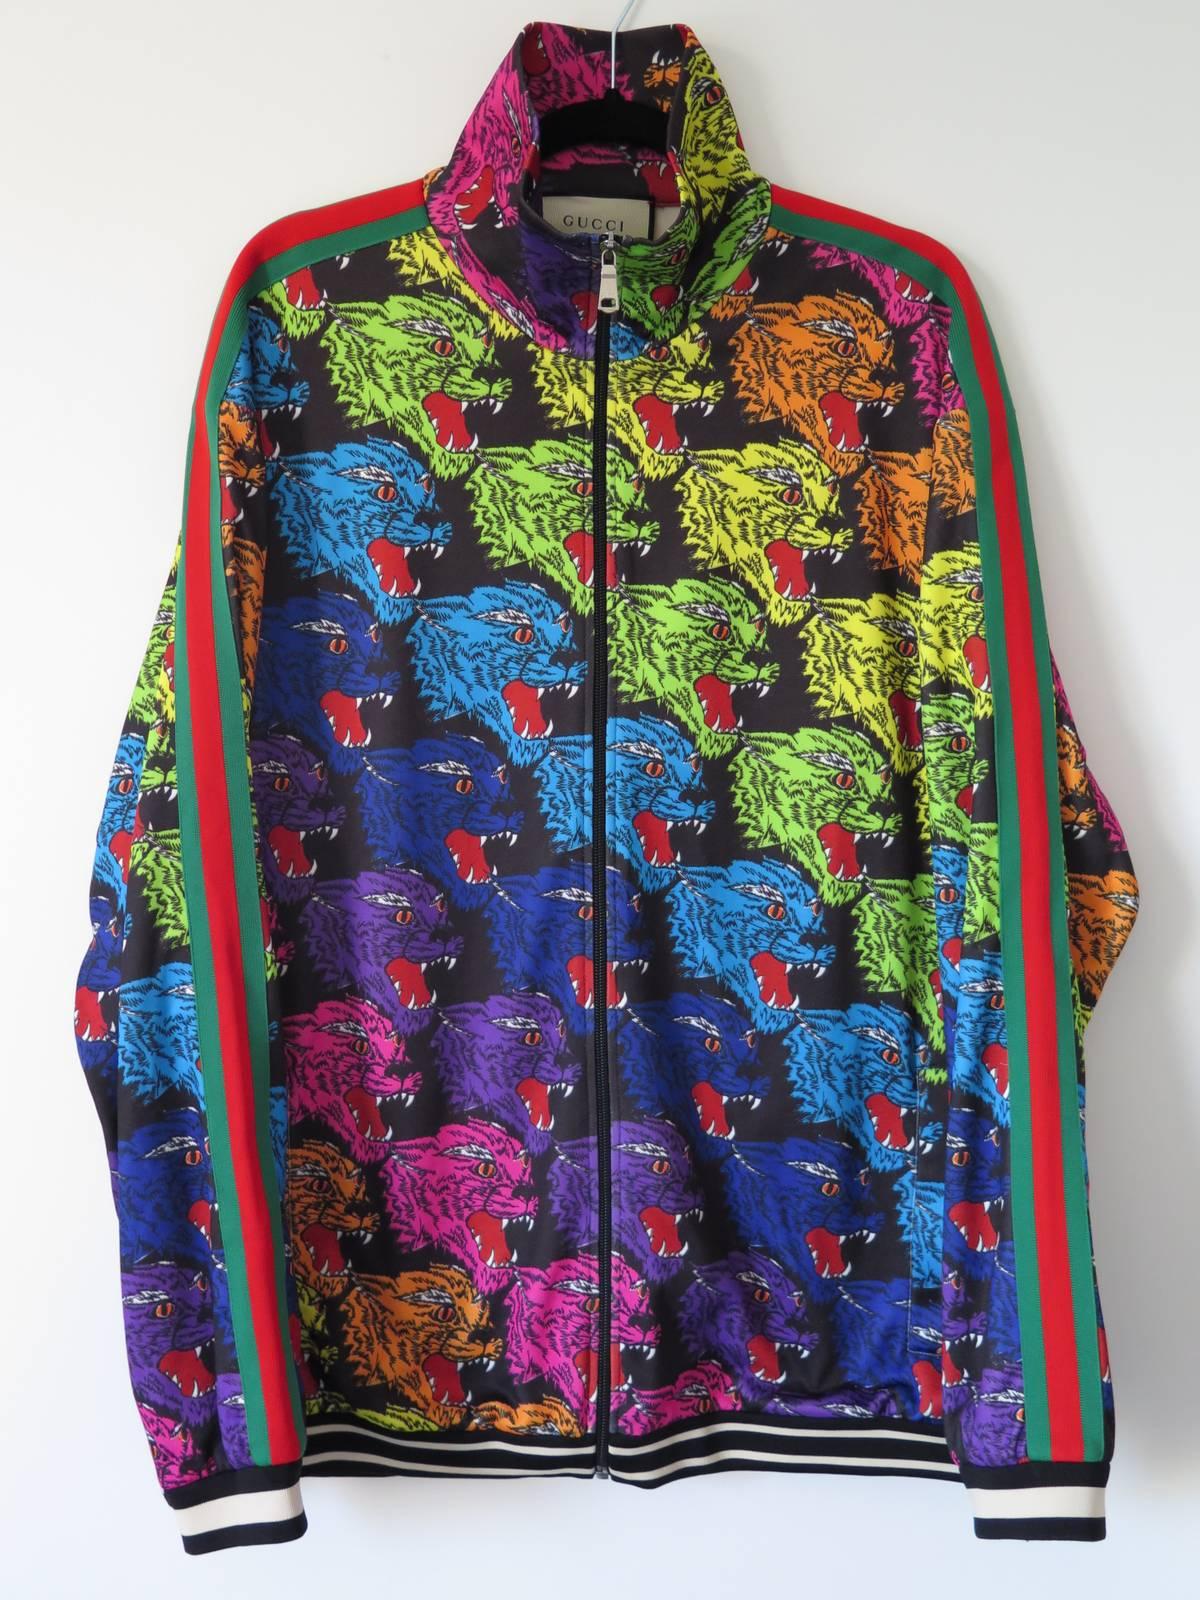 fa71ba9d8c9 Gucci ×. Gucci Angry Tiger printed track jacket